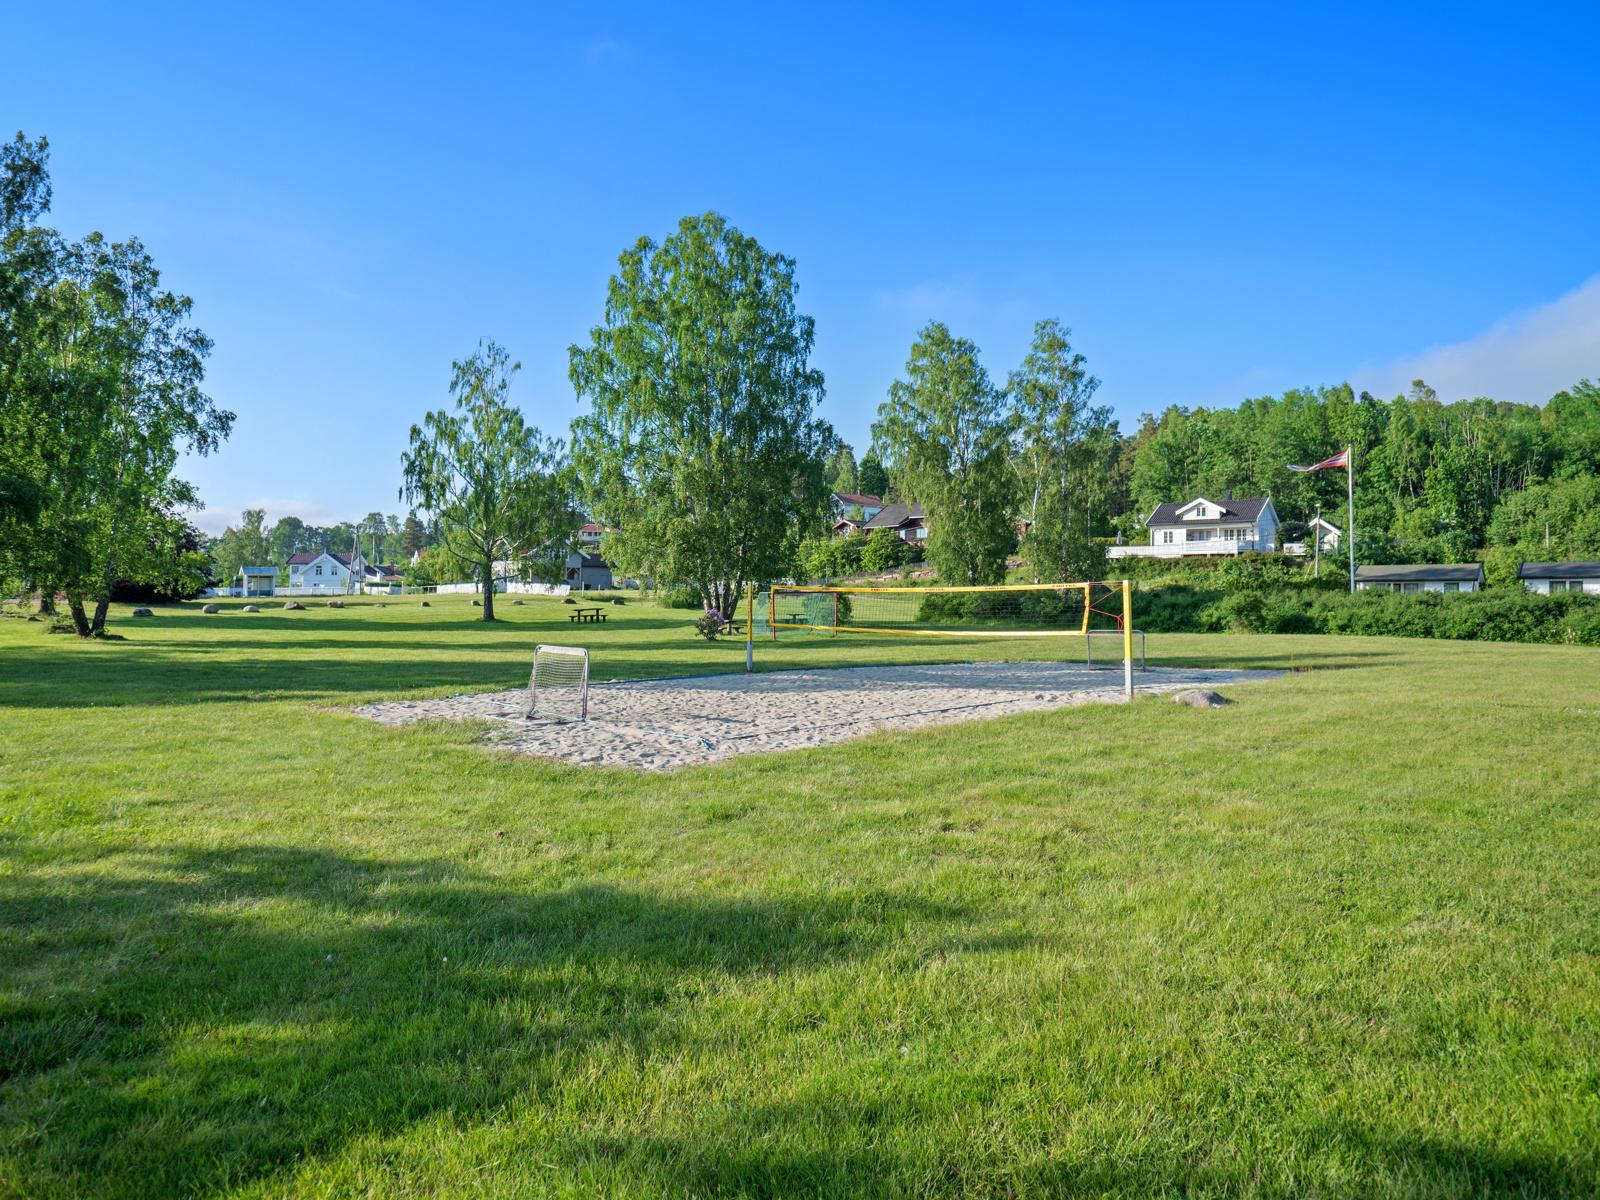 På Rødtangen finnes mange flotte områder for rekreasjon, spill og lek